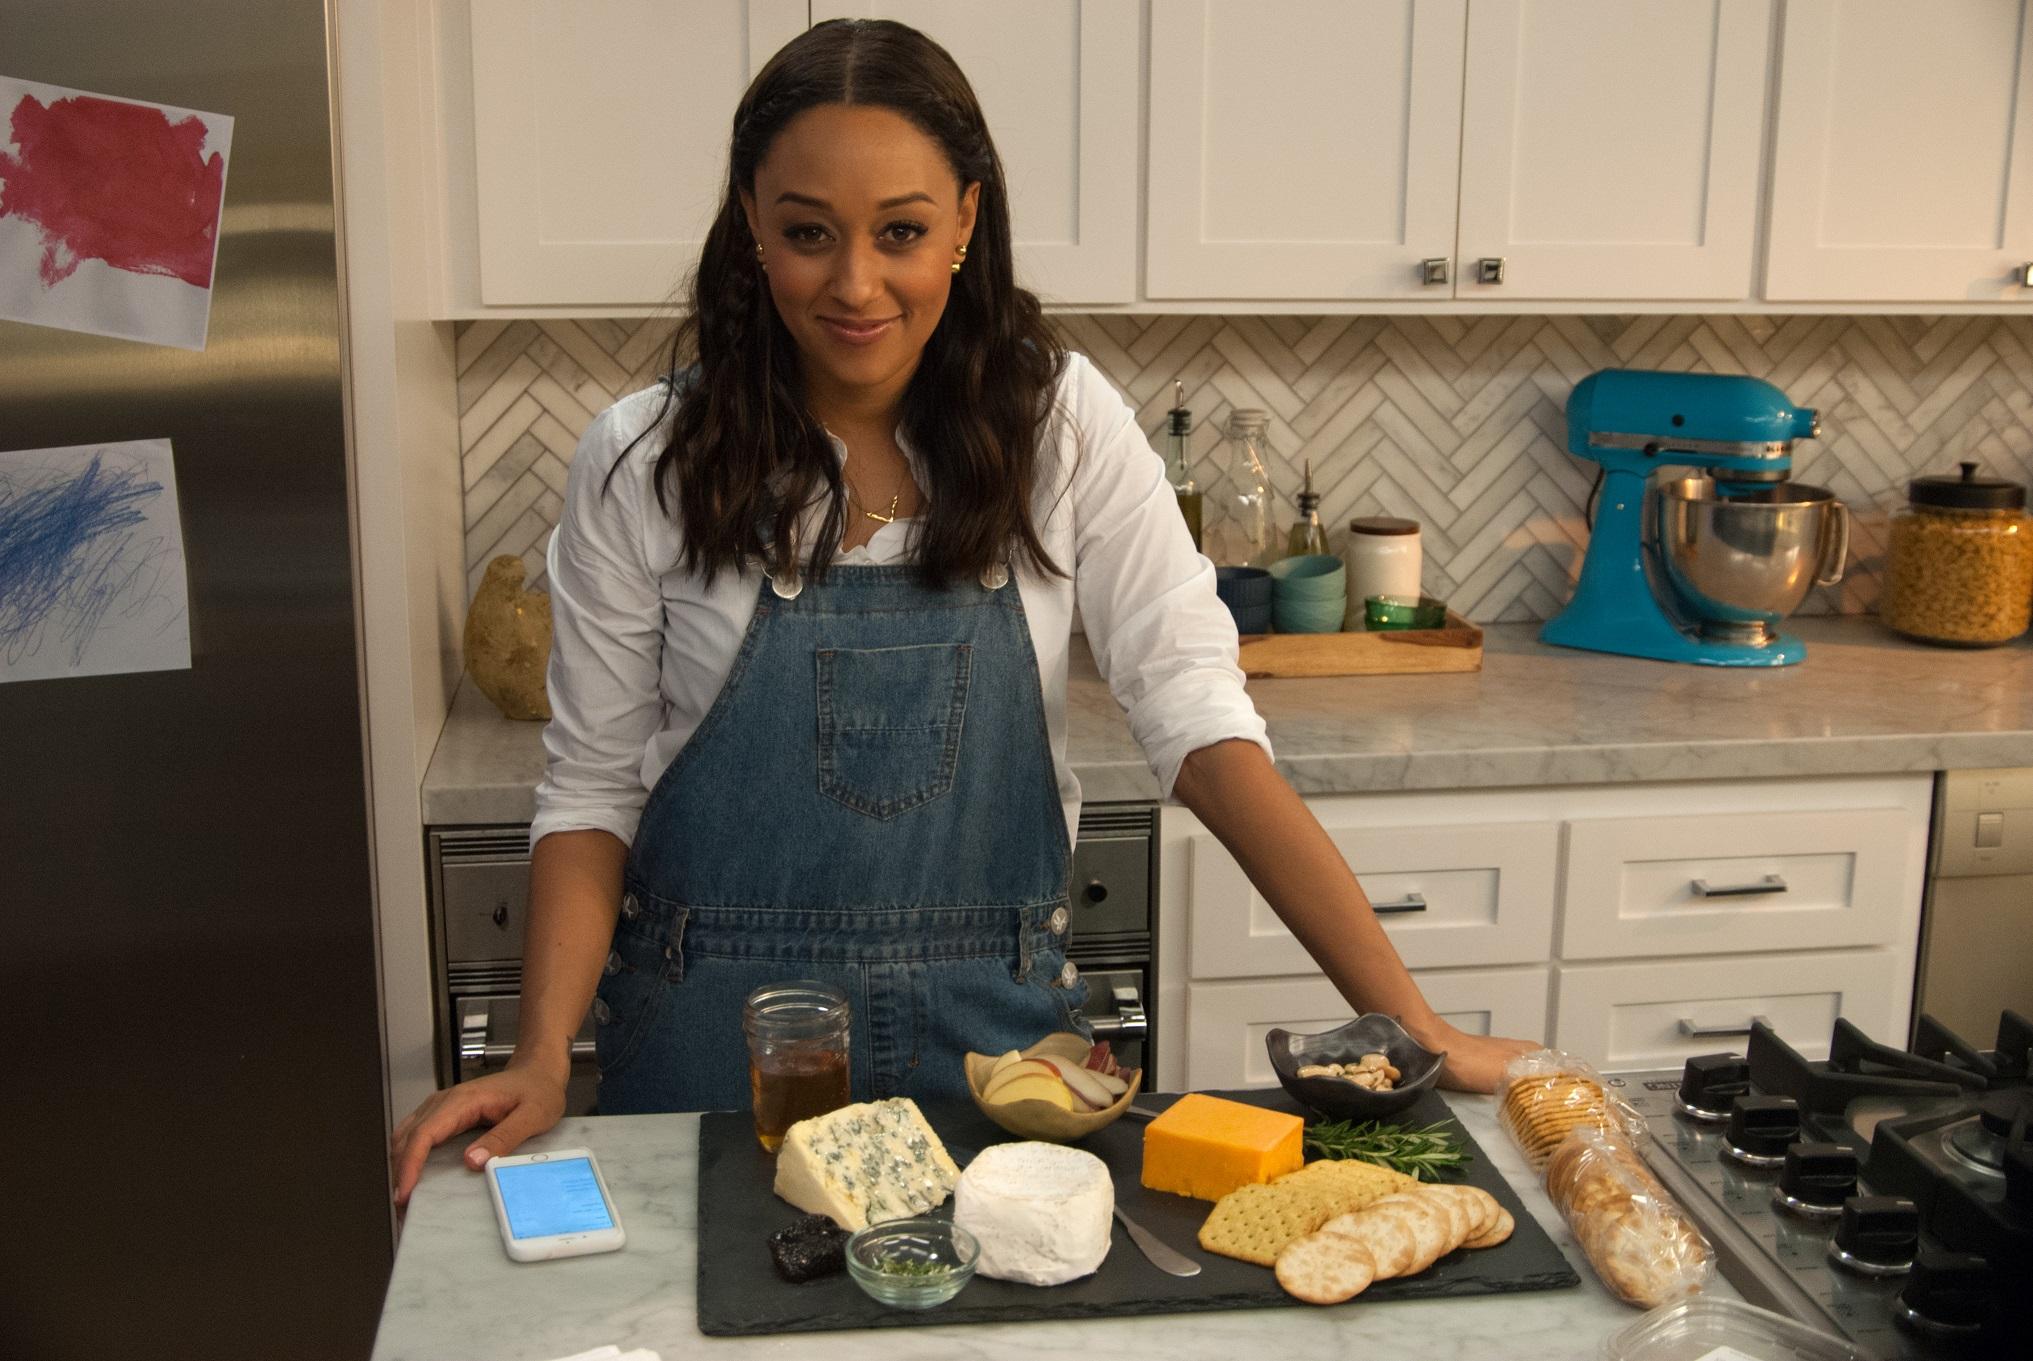 ¿Necesitas recetas rápidas y fabulosas para deslumbrar  a tu familia y amigos? No